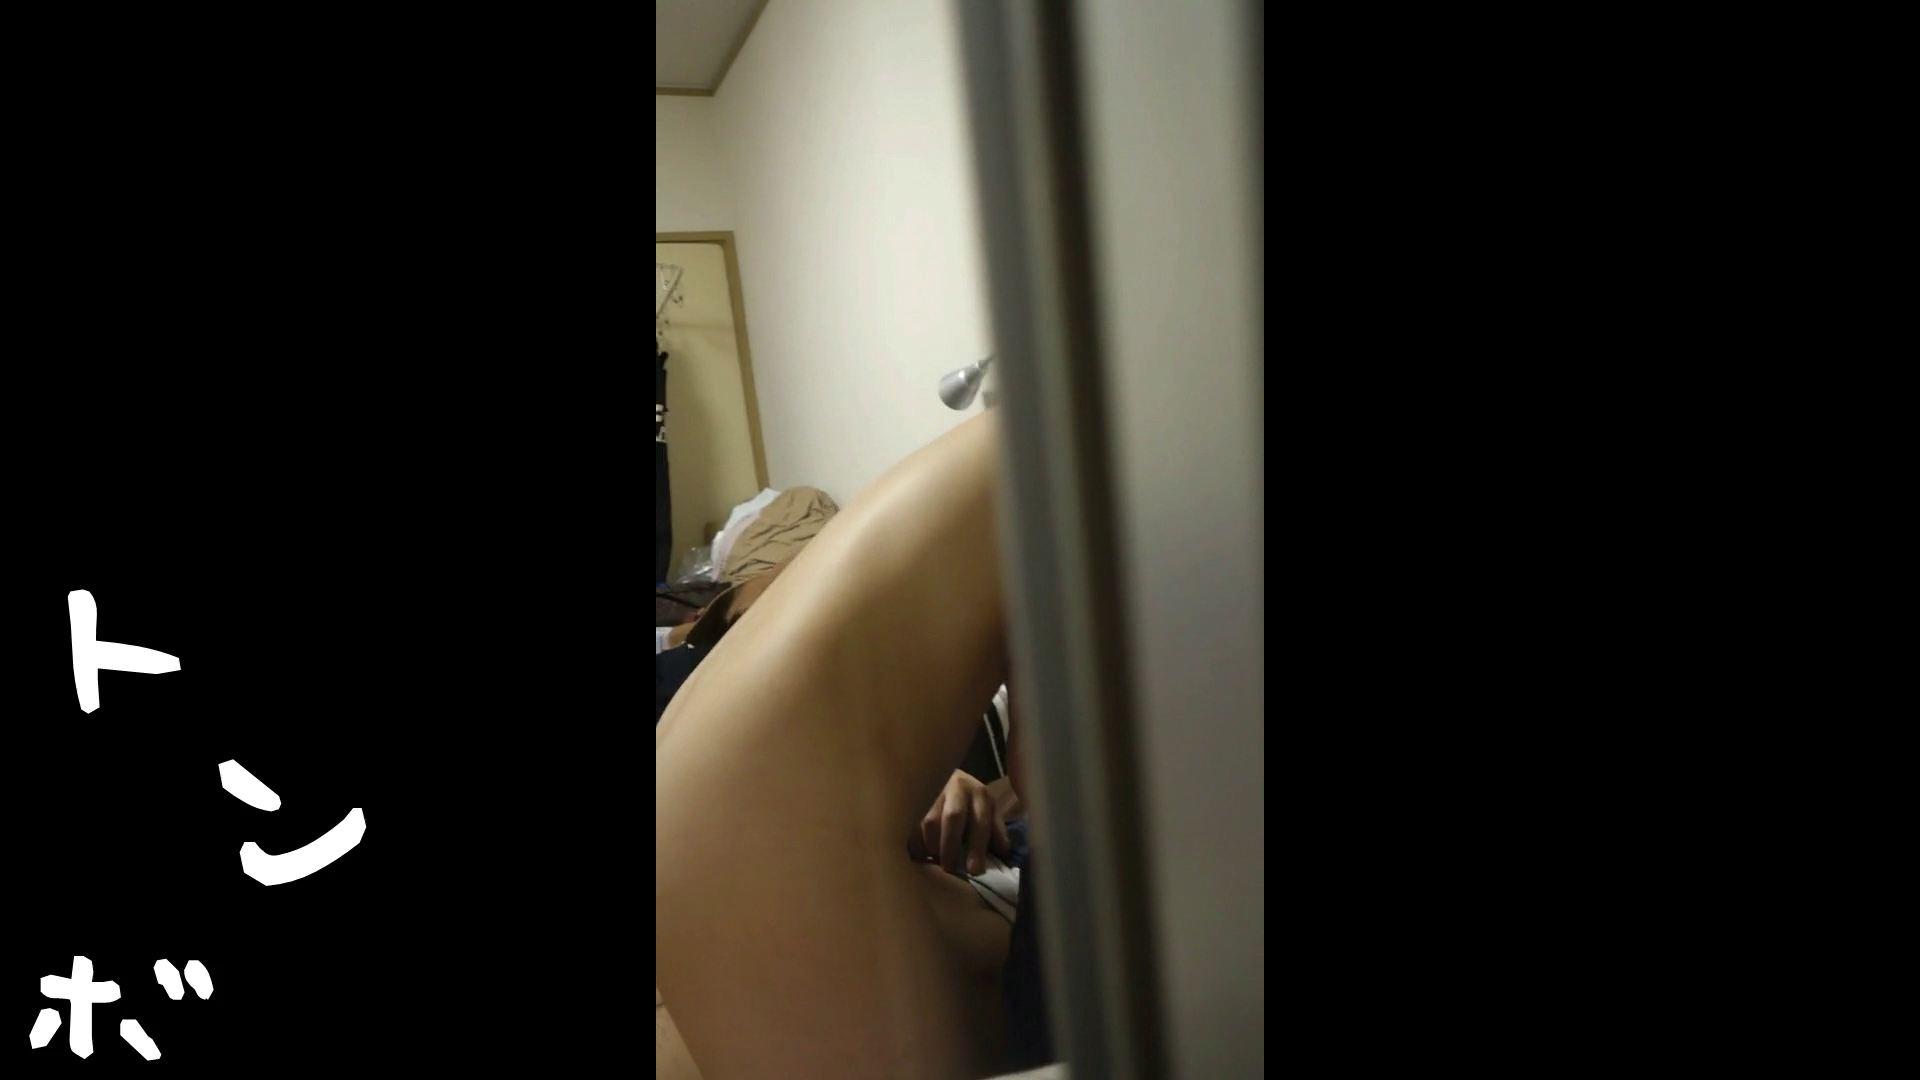 ▲2017_08位▲ 【02位 2016】盗撮美人女子大プライベートSEX 盗撮  73pic 19